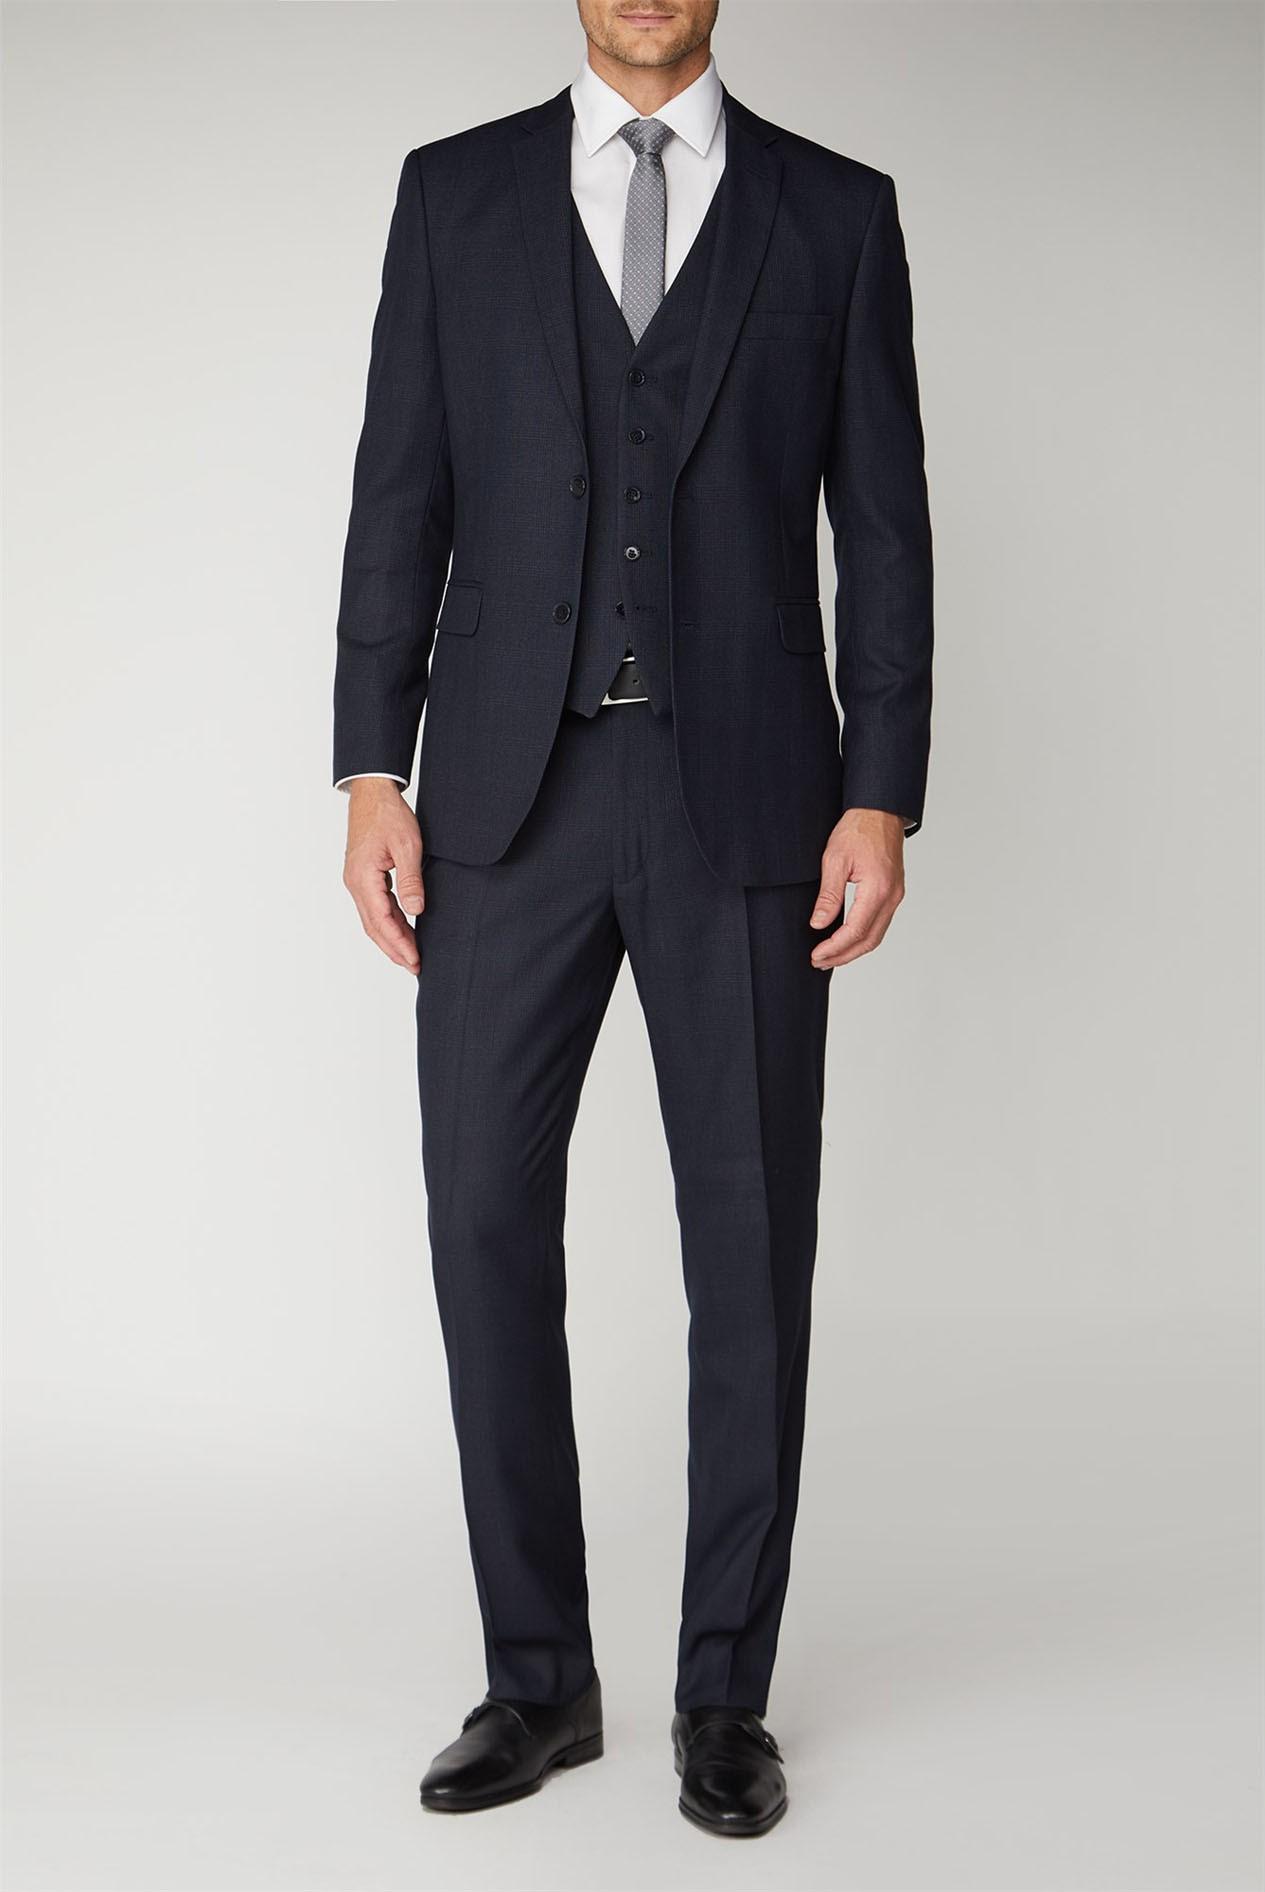 Men Suits for Man 3 pcs Jackets Coats Vest Pants 2 Vents 34 36 38 40 42 44 46 48